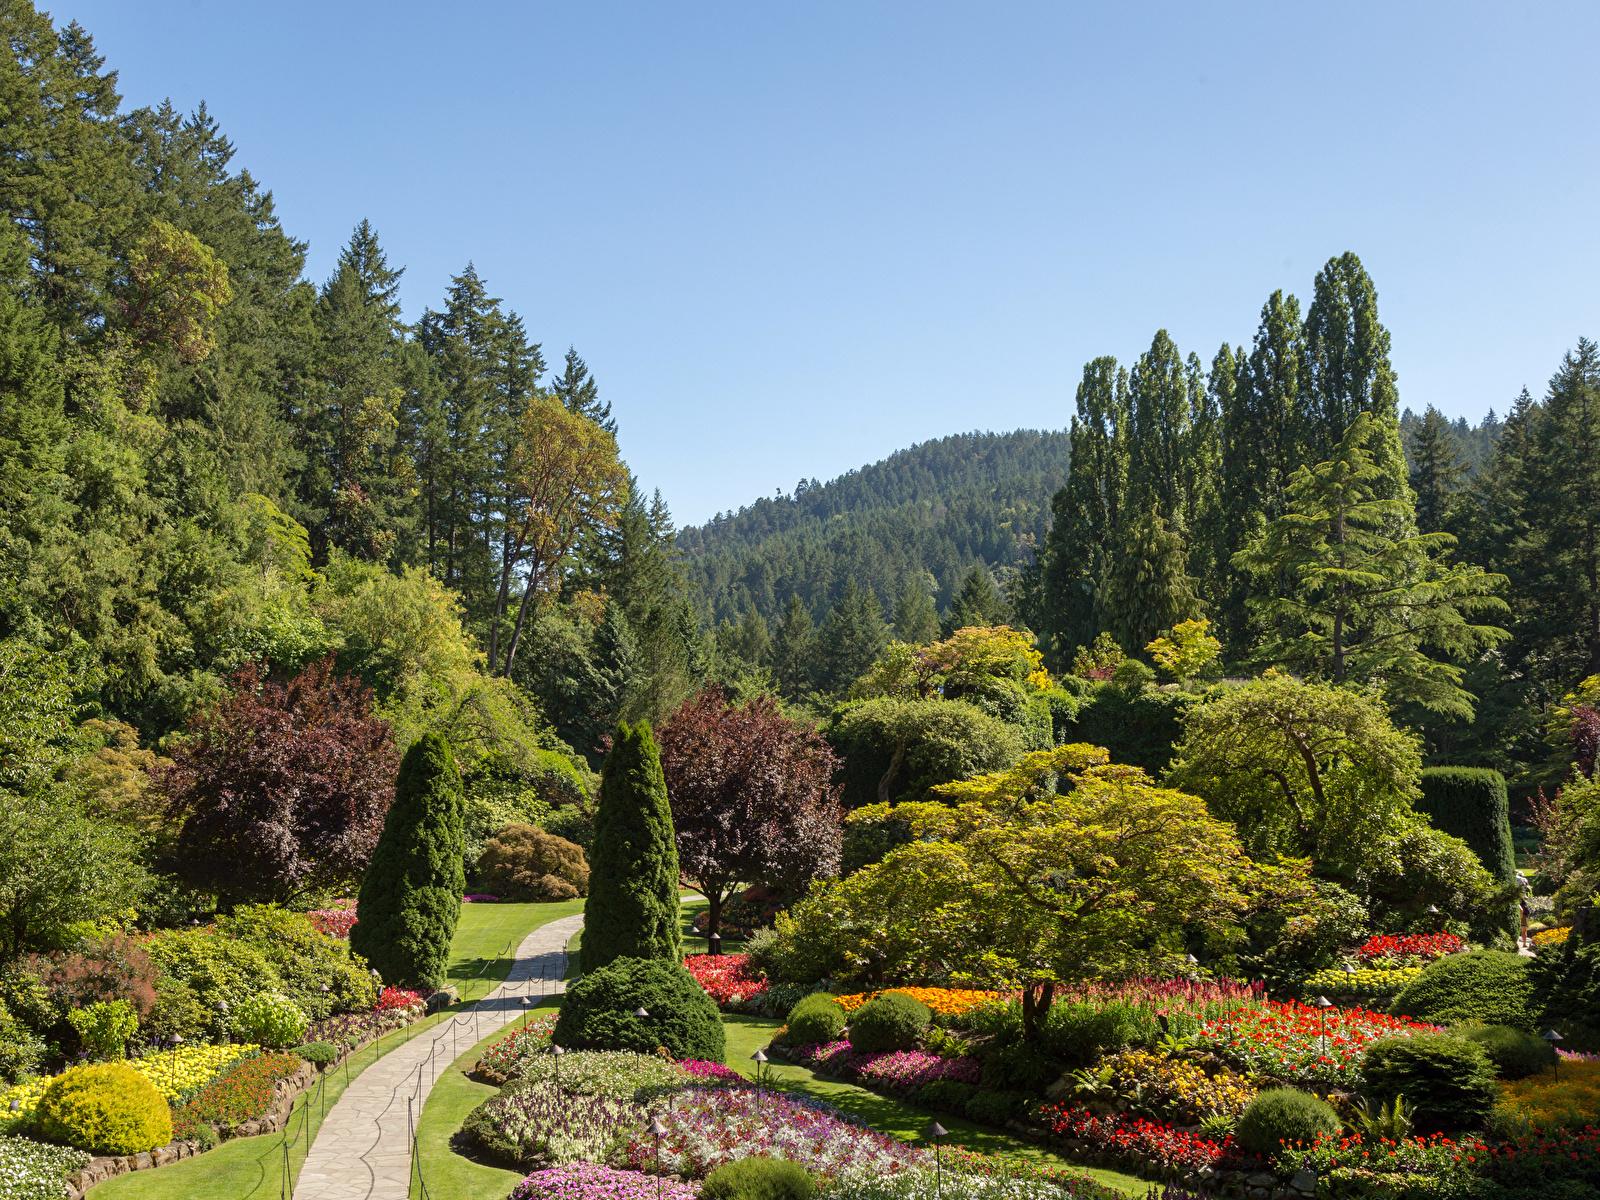 Bilder von Kanada Buchart Gardens Natur Garten Bäume Strauch Design 1600x1200